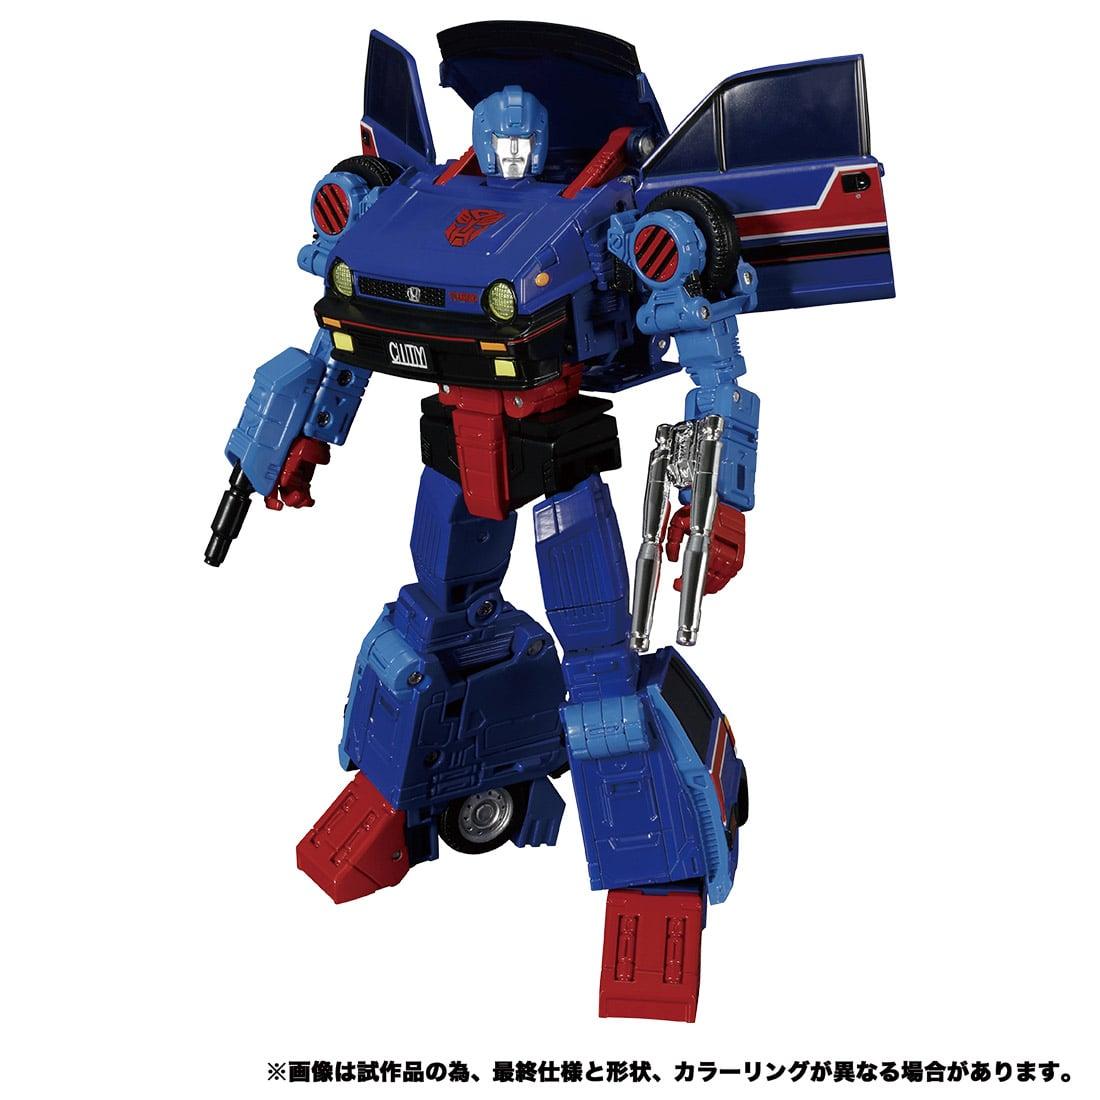 マスターピース『MP-53 スキッズ』トランスフォーマー 可変可動フィギュア-003